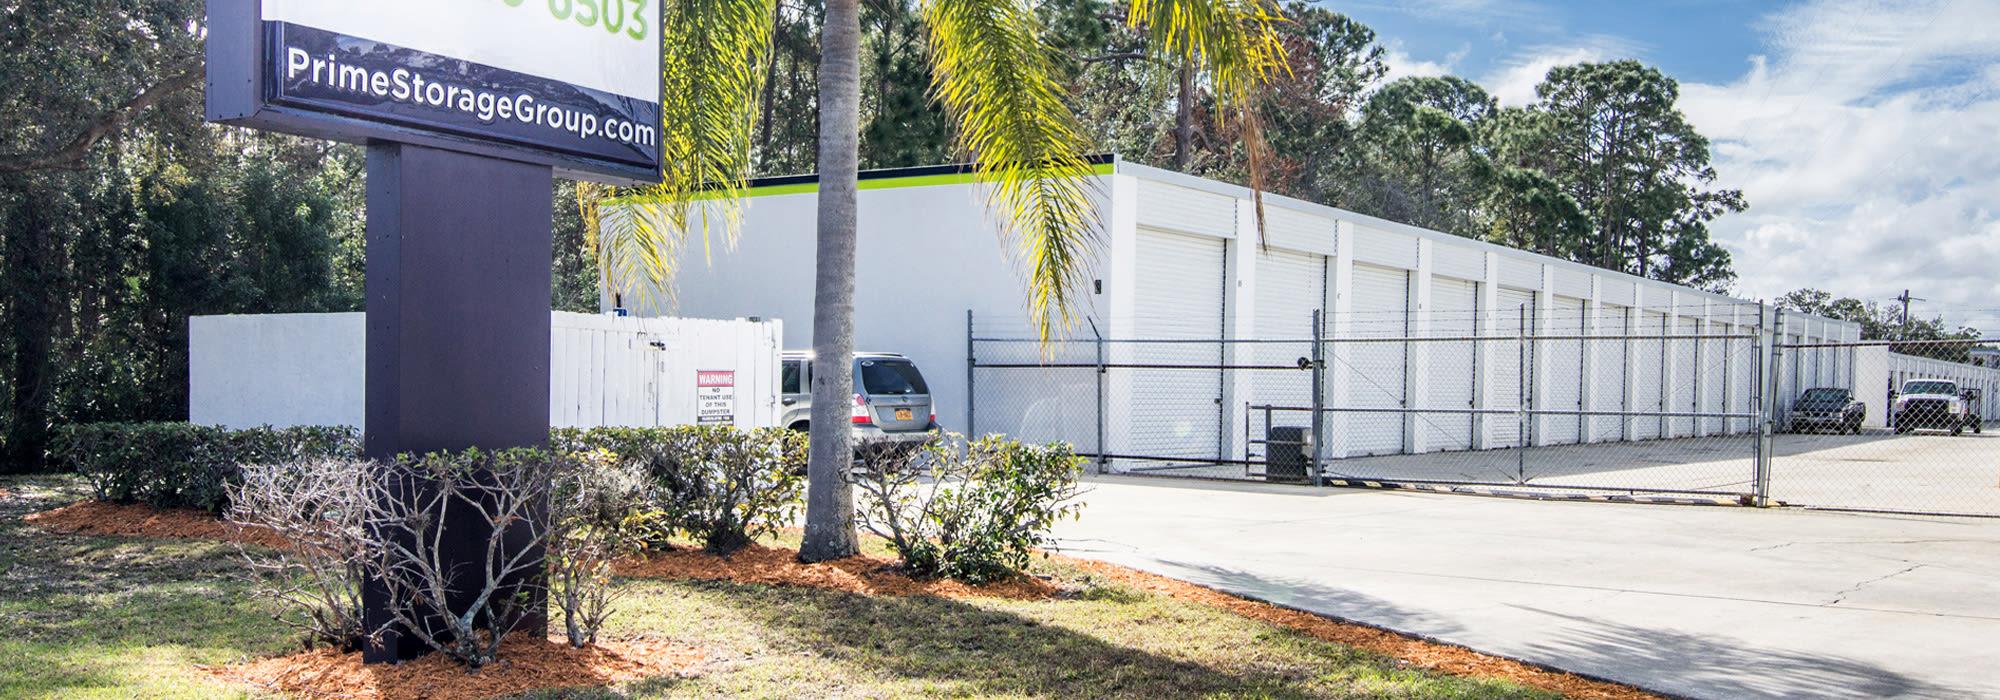 Prime Storage in Rockledge, FL